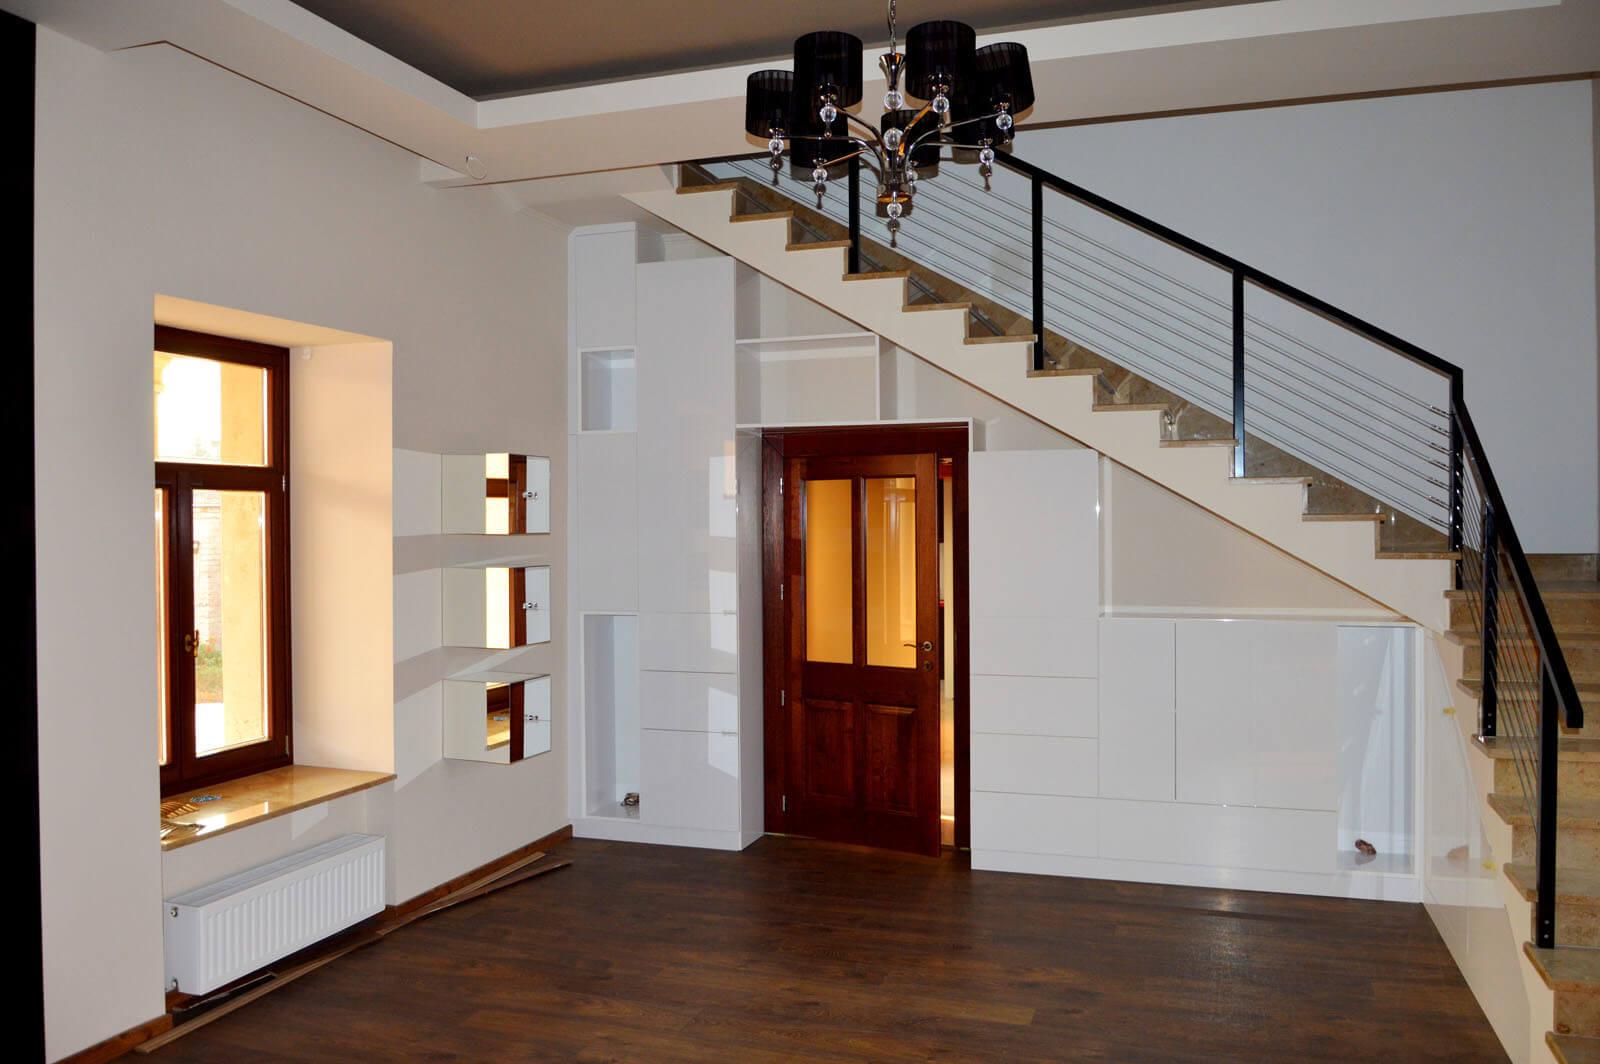 Egyedi szobabútor készítés lépcső alatti rész kihasználásával